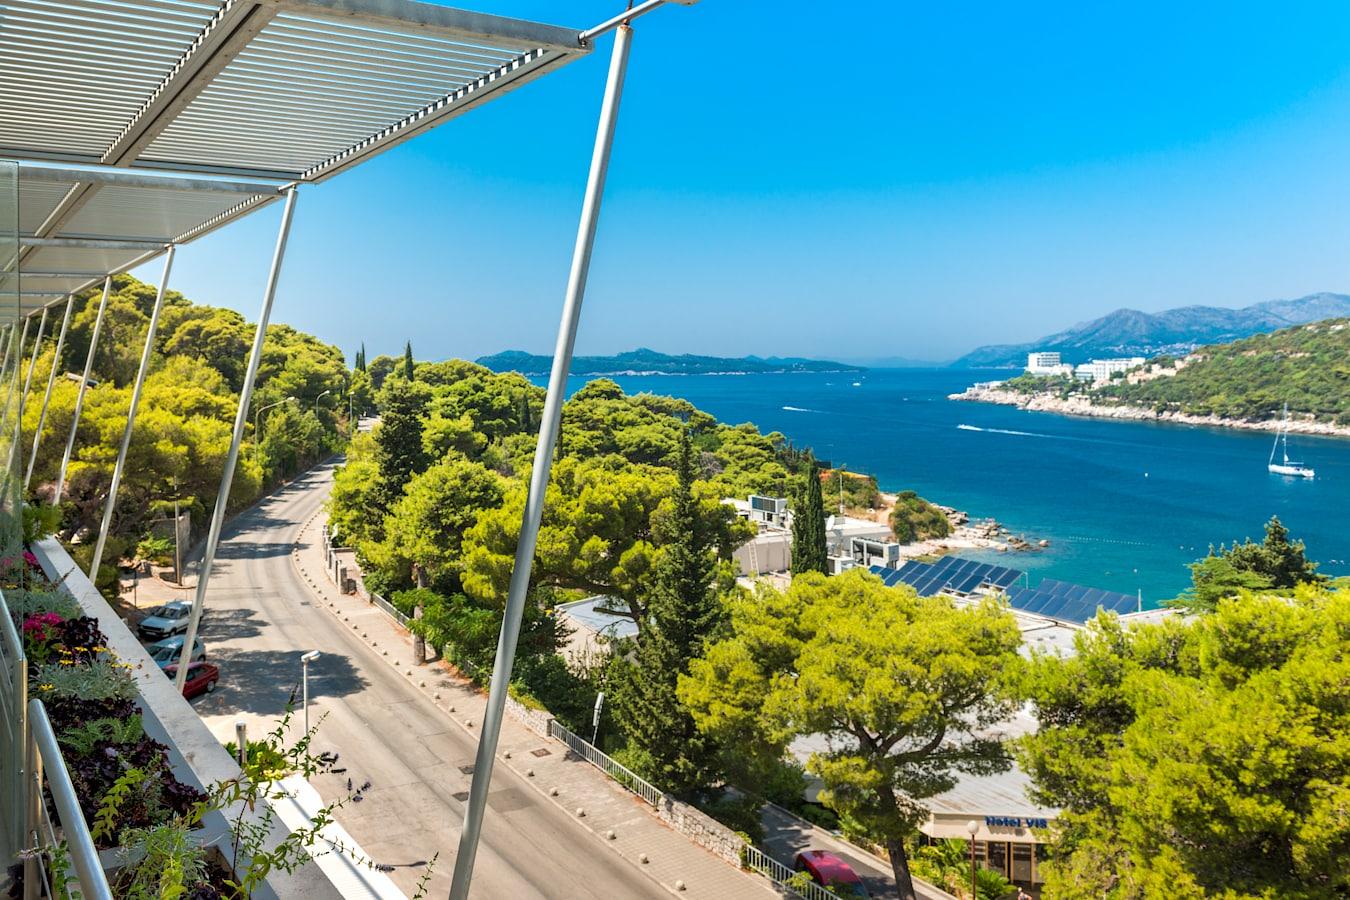 uvala-hotel-room-balcony-seaview.jpg